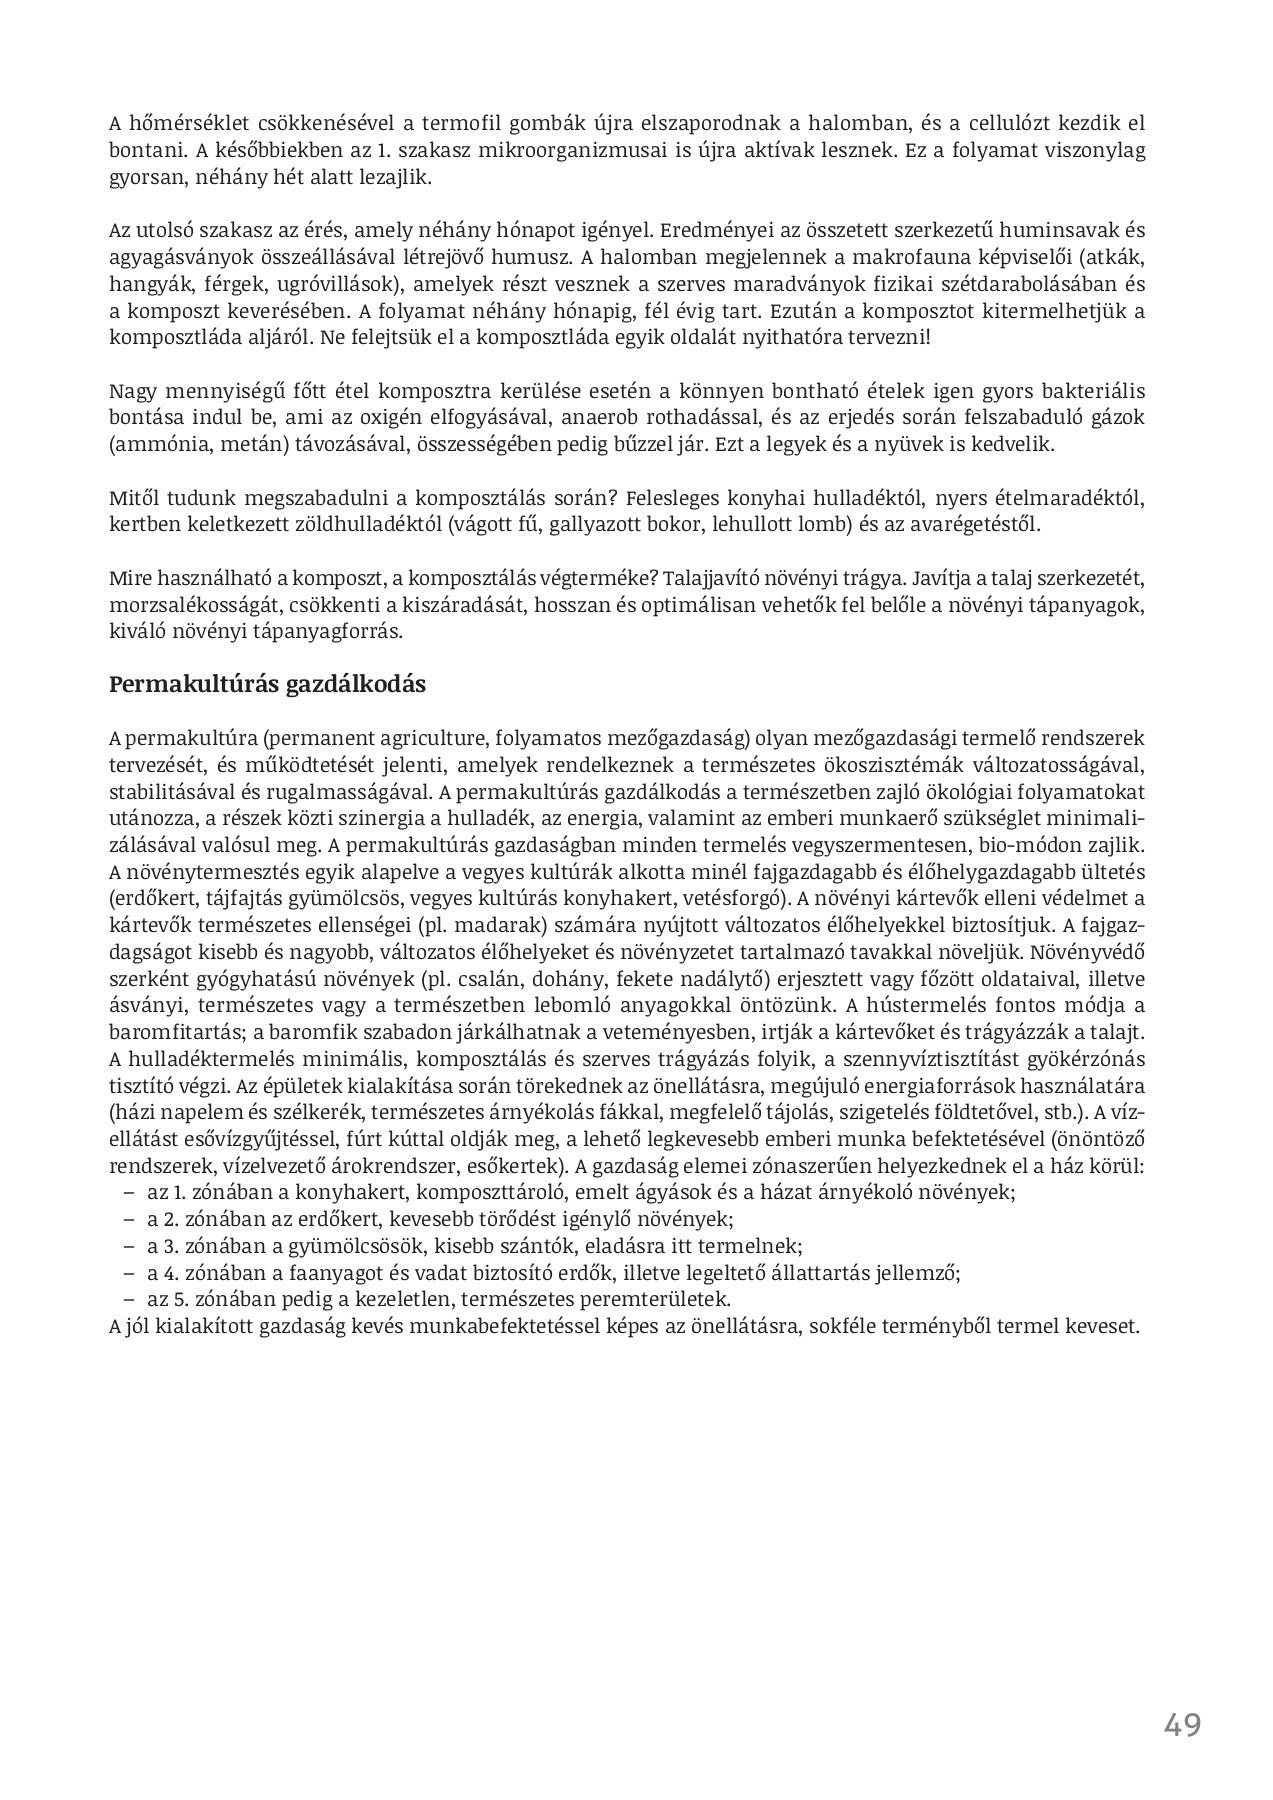 Helmint allergia kezelés - Helmint parazita kezelés